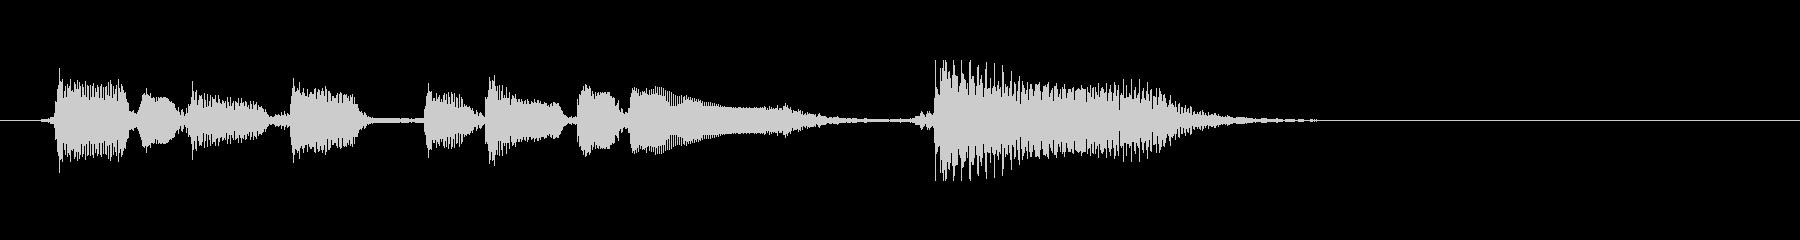 アコースティックギター 場面転換➁ ソロの未再生の波形